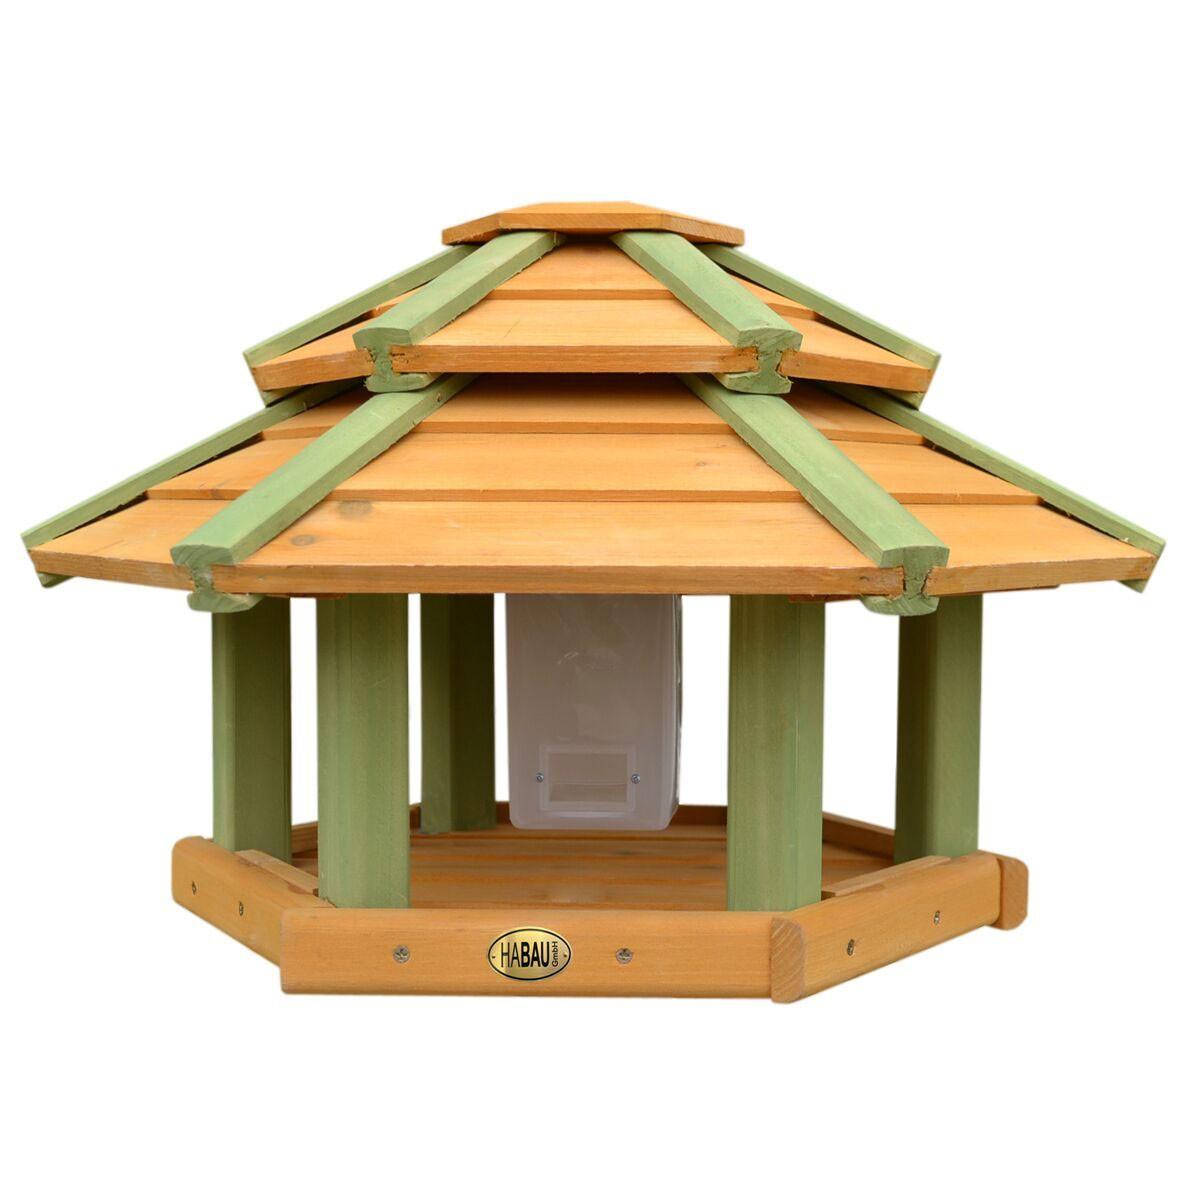 Vogelhaus / Futterhaus Habau Tokyo mit Silo und Ständer Bild 1